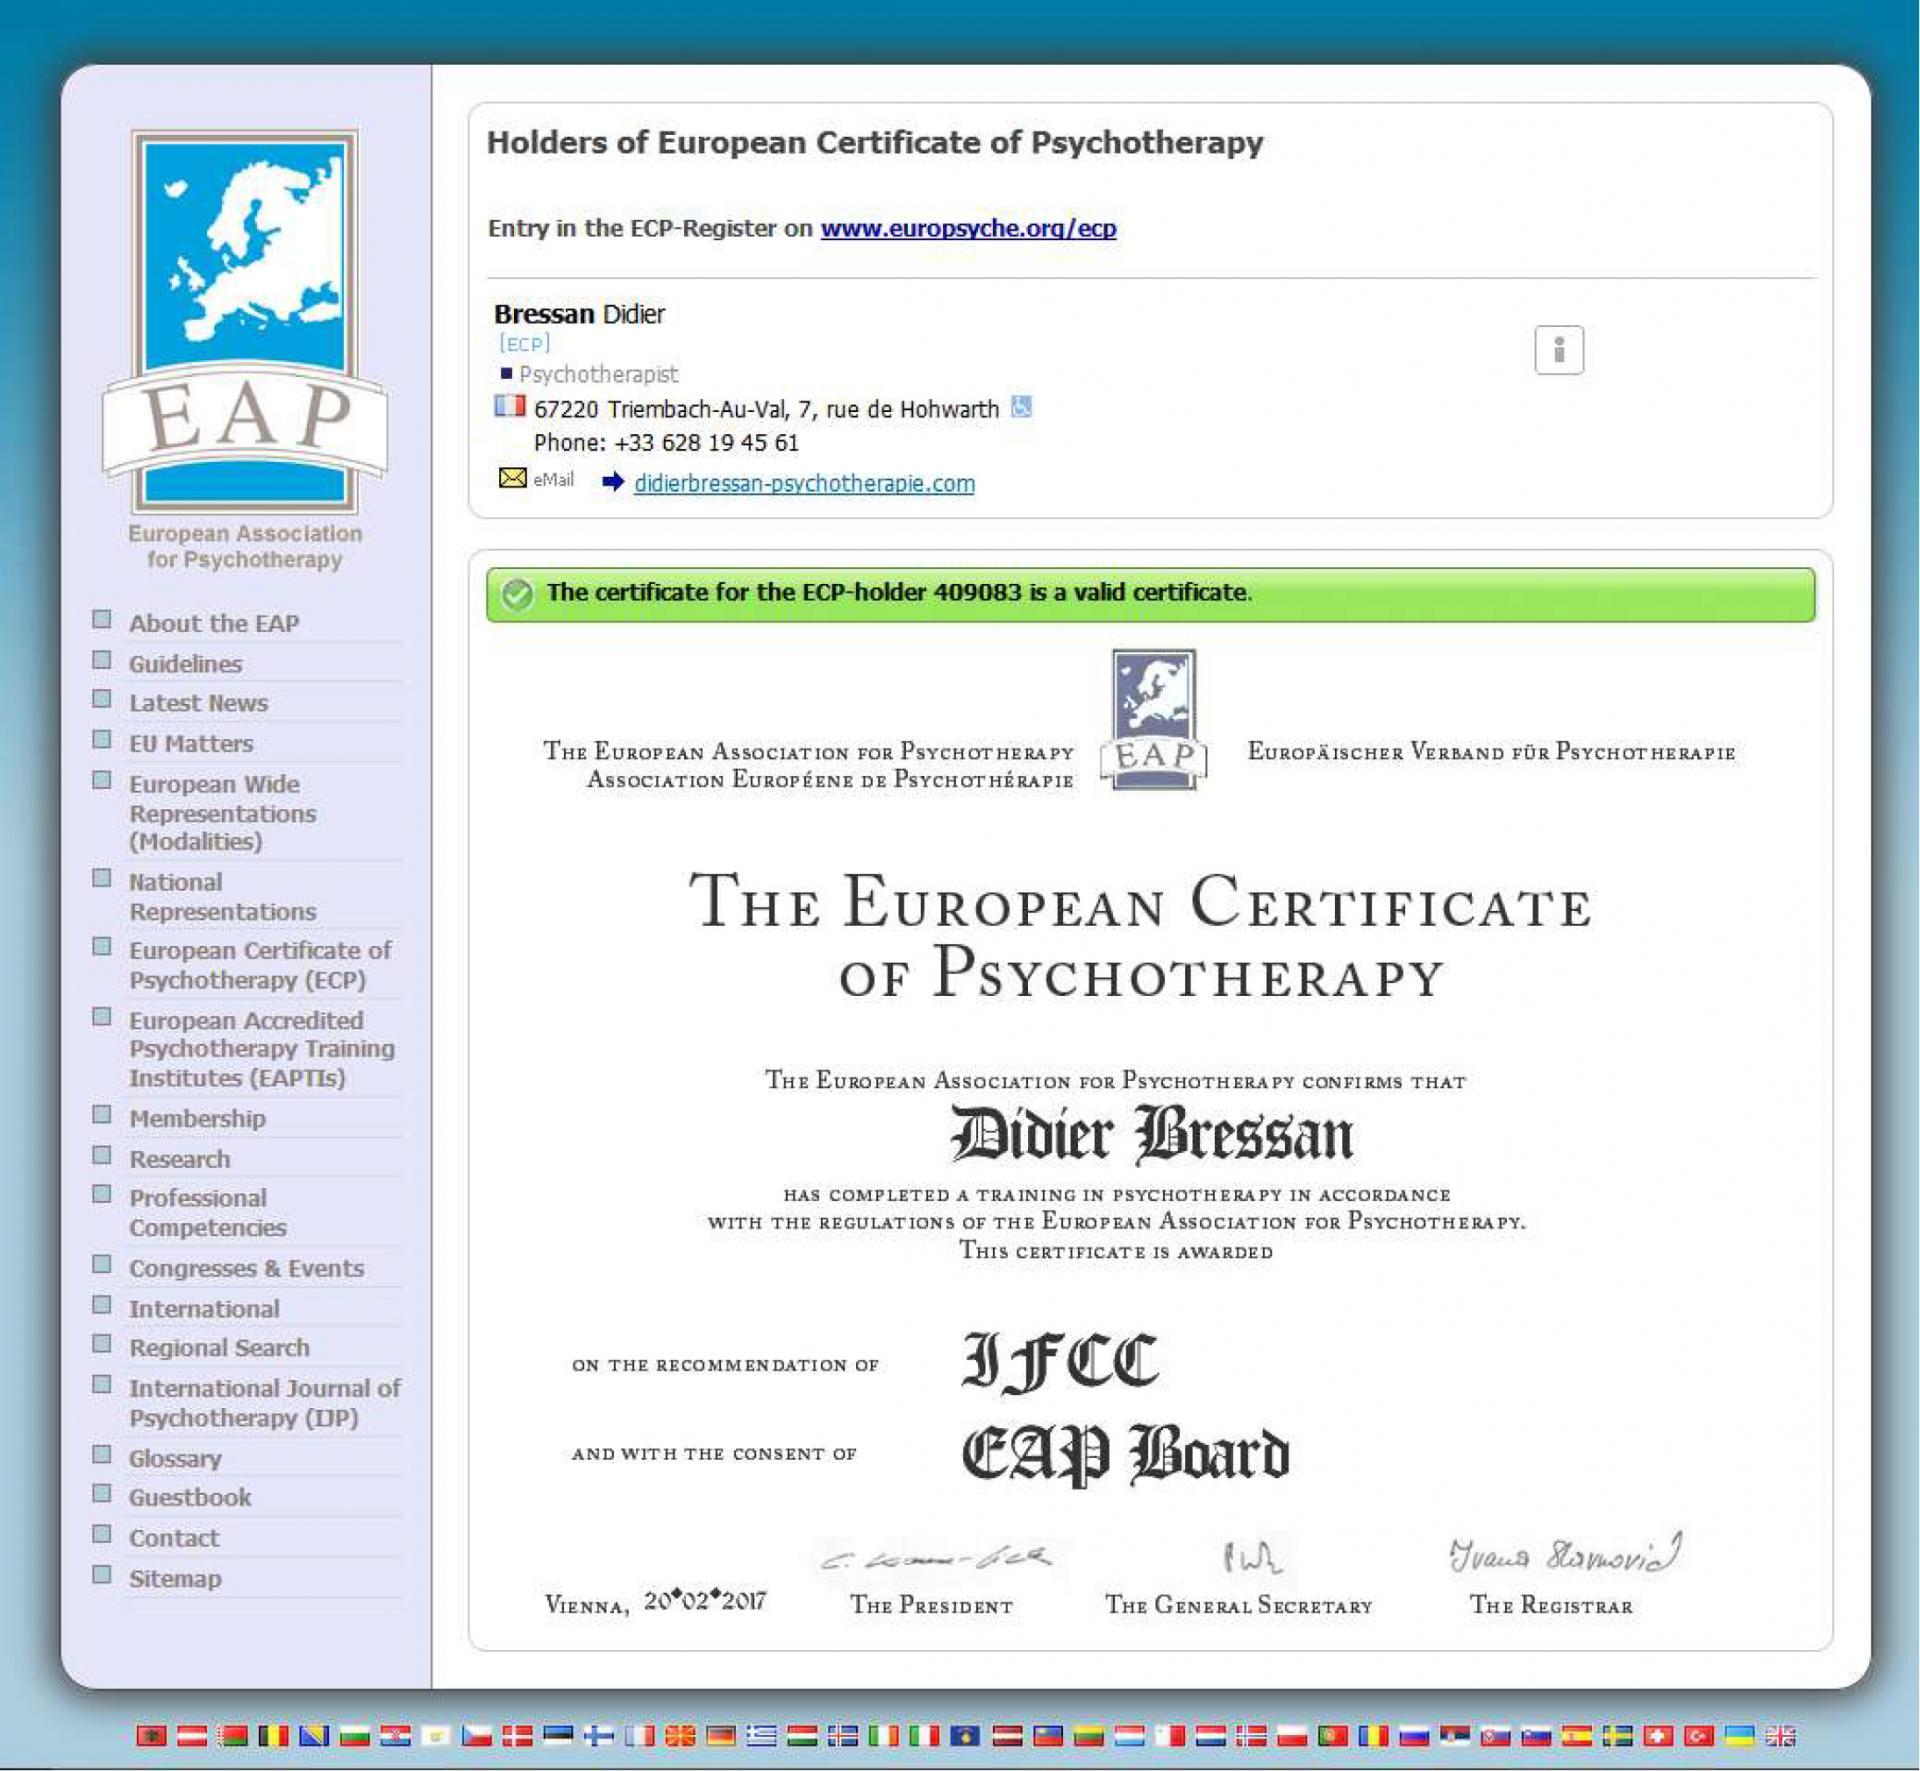 Certificat Européen de Psychothérapie